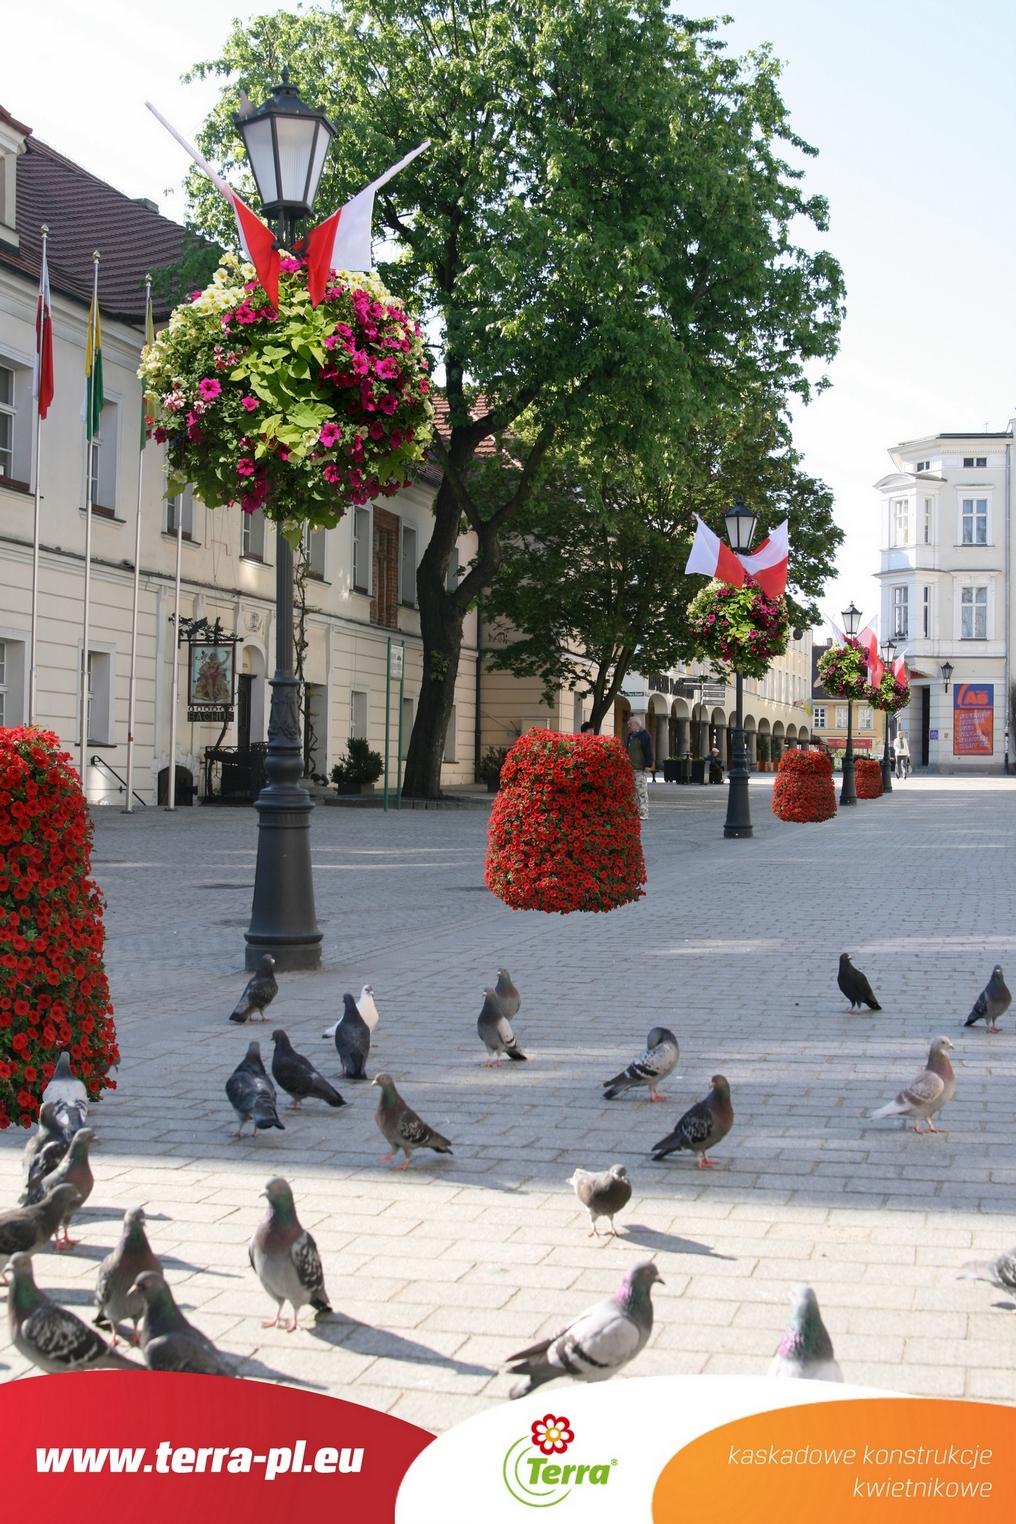 Kwiaty w mieście Zielona Góra – wizualizacja